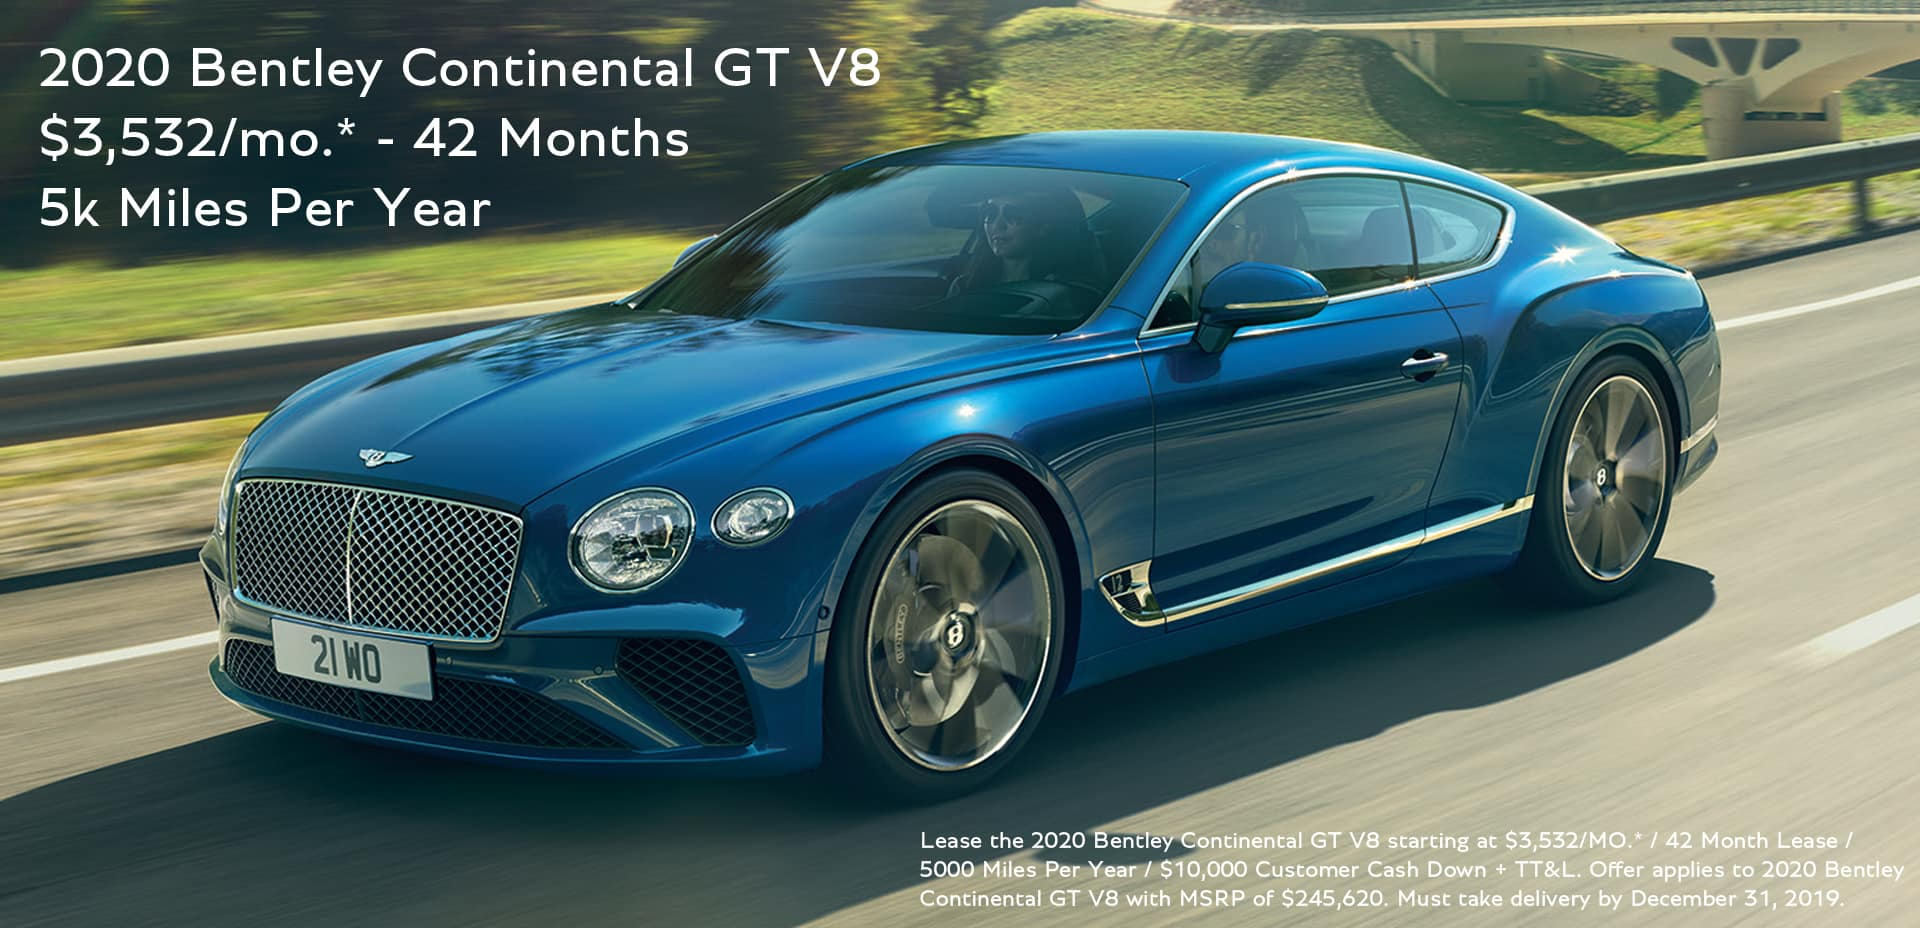 2020 Bentley GT Lease